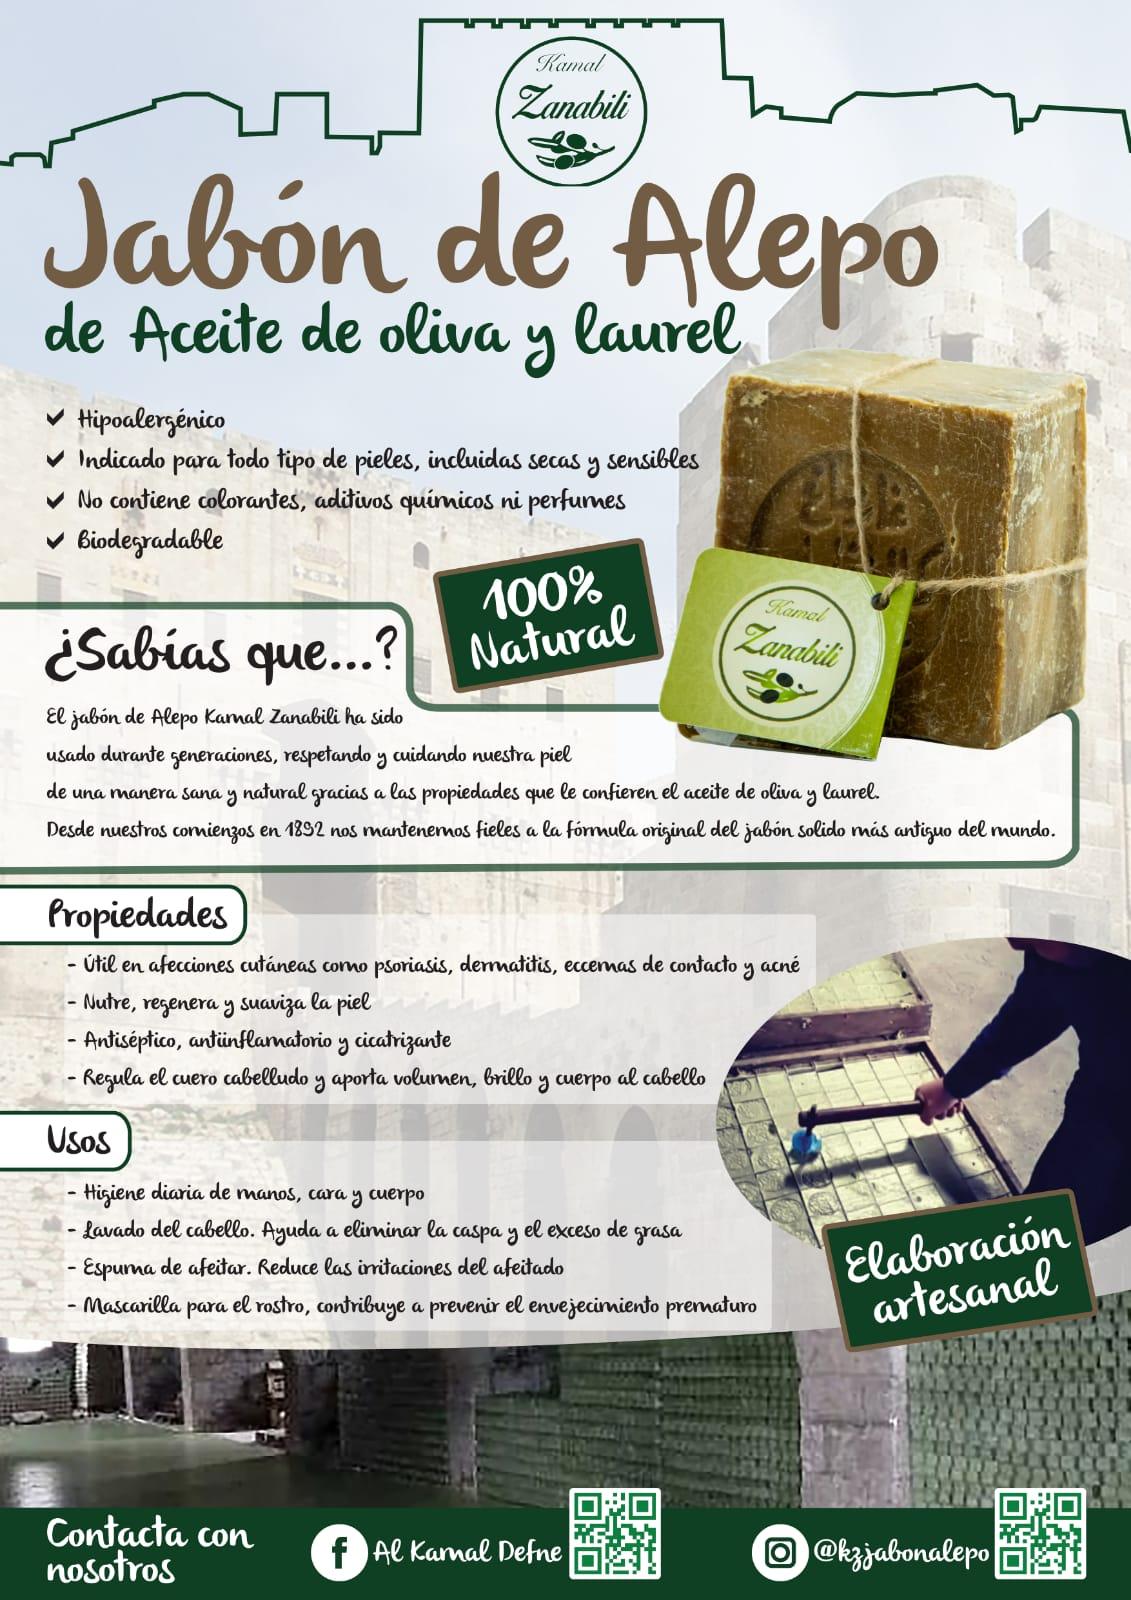 Jabón de Alepo información